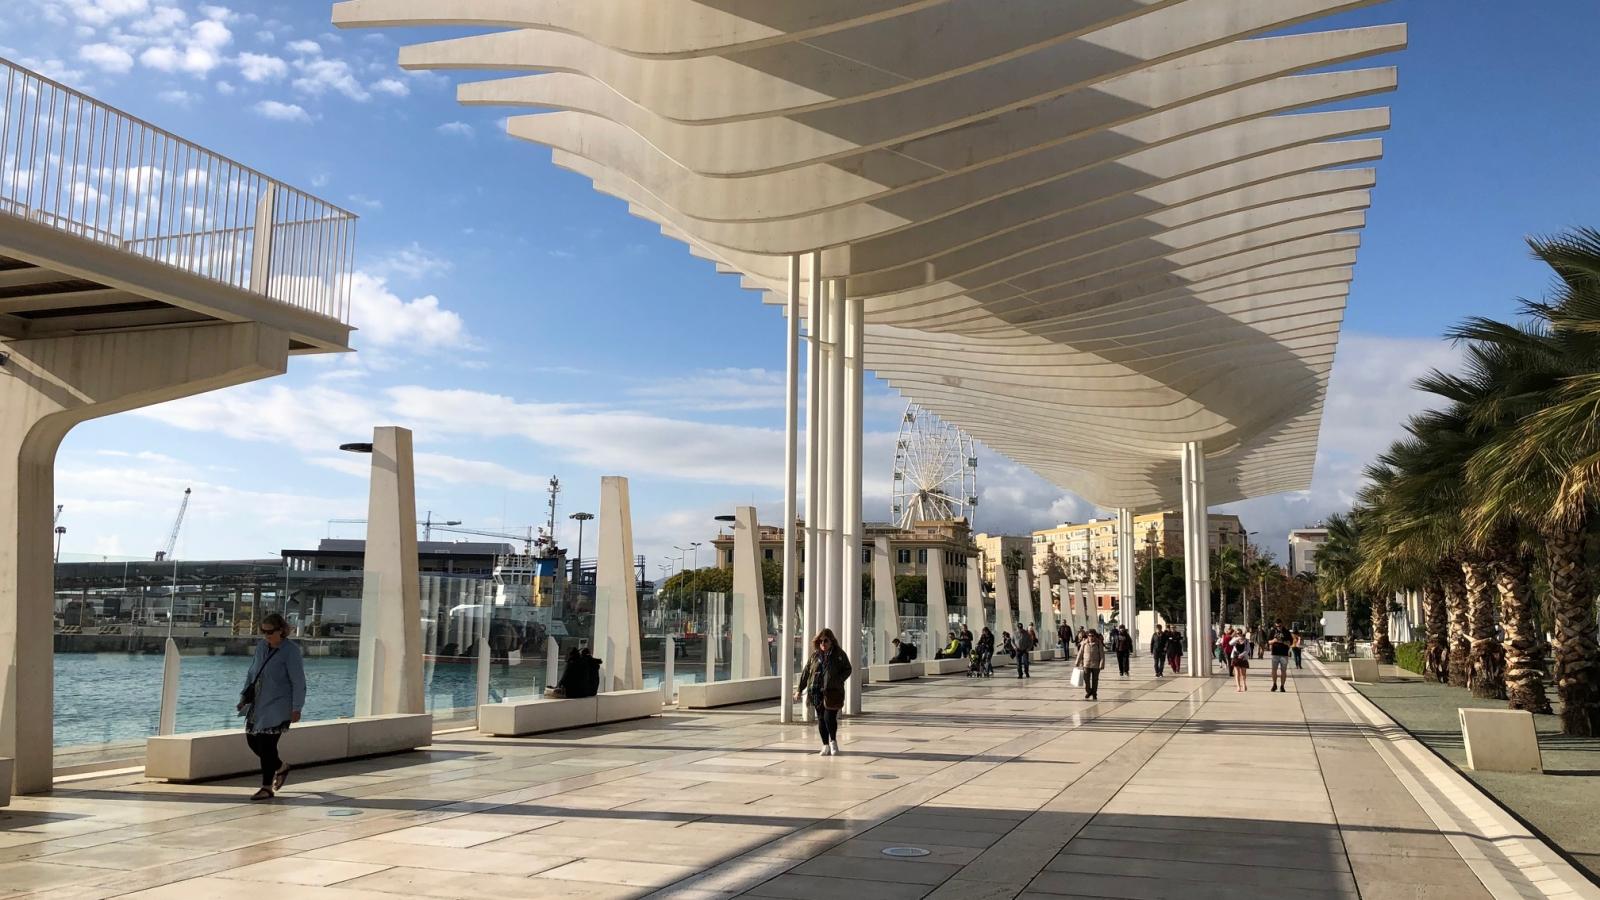 Malaga - Palmeral de las Sorpresas